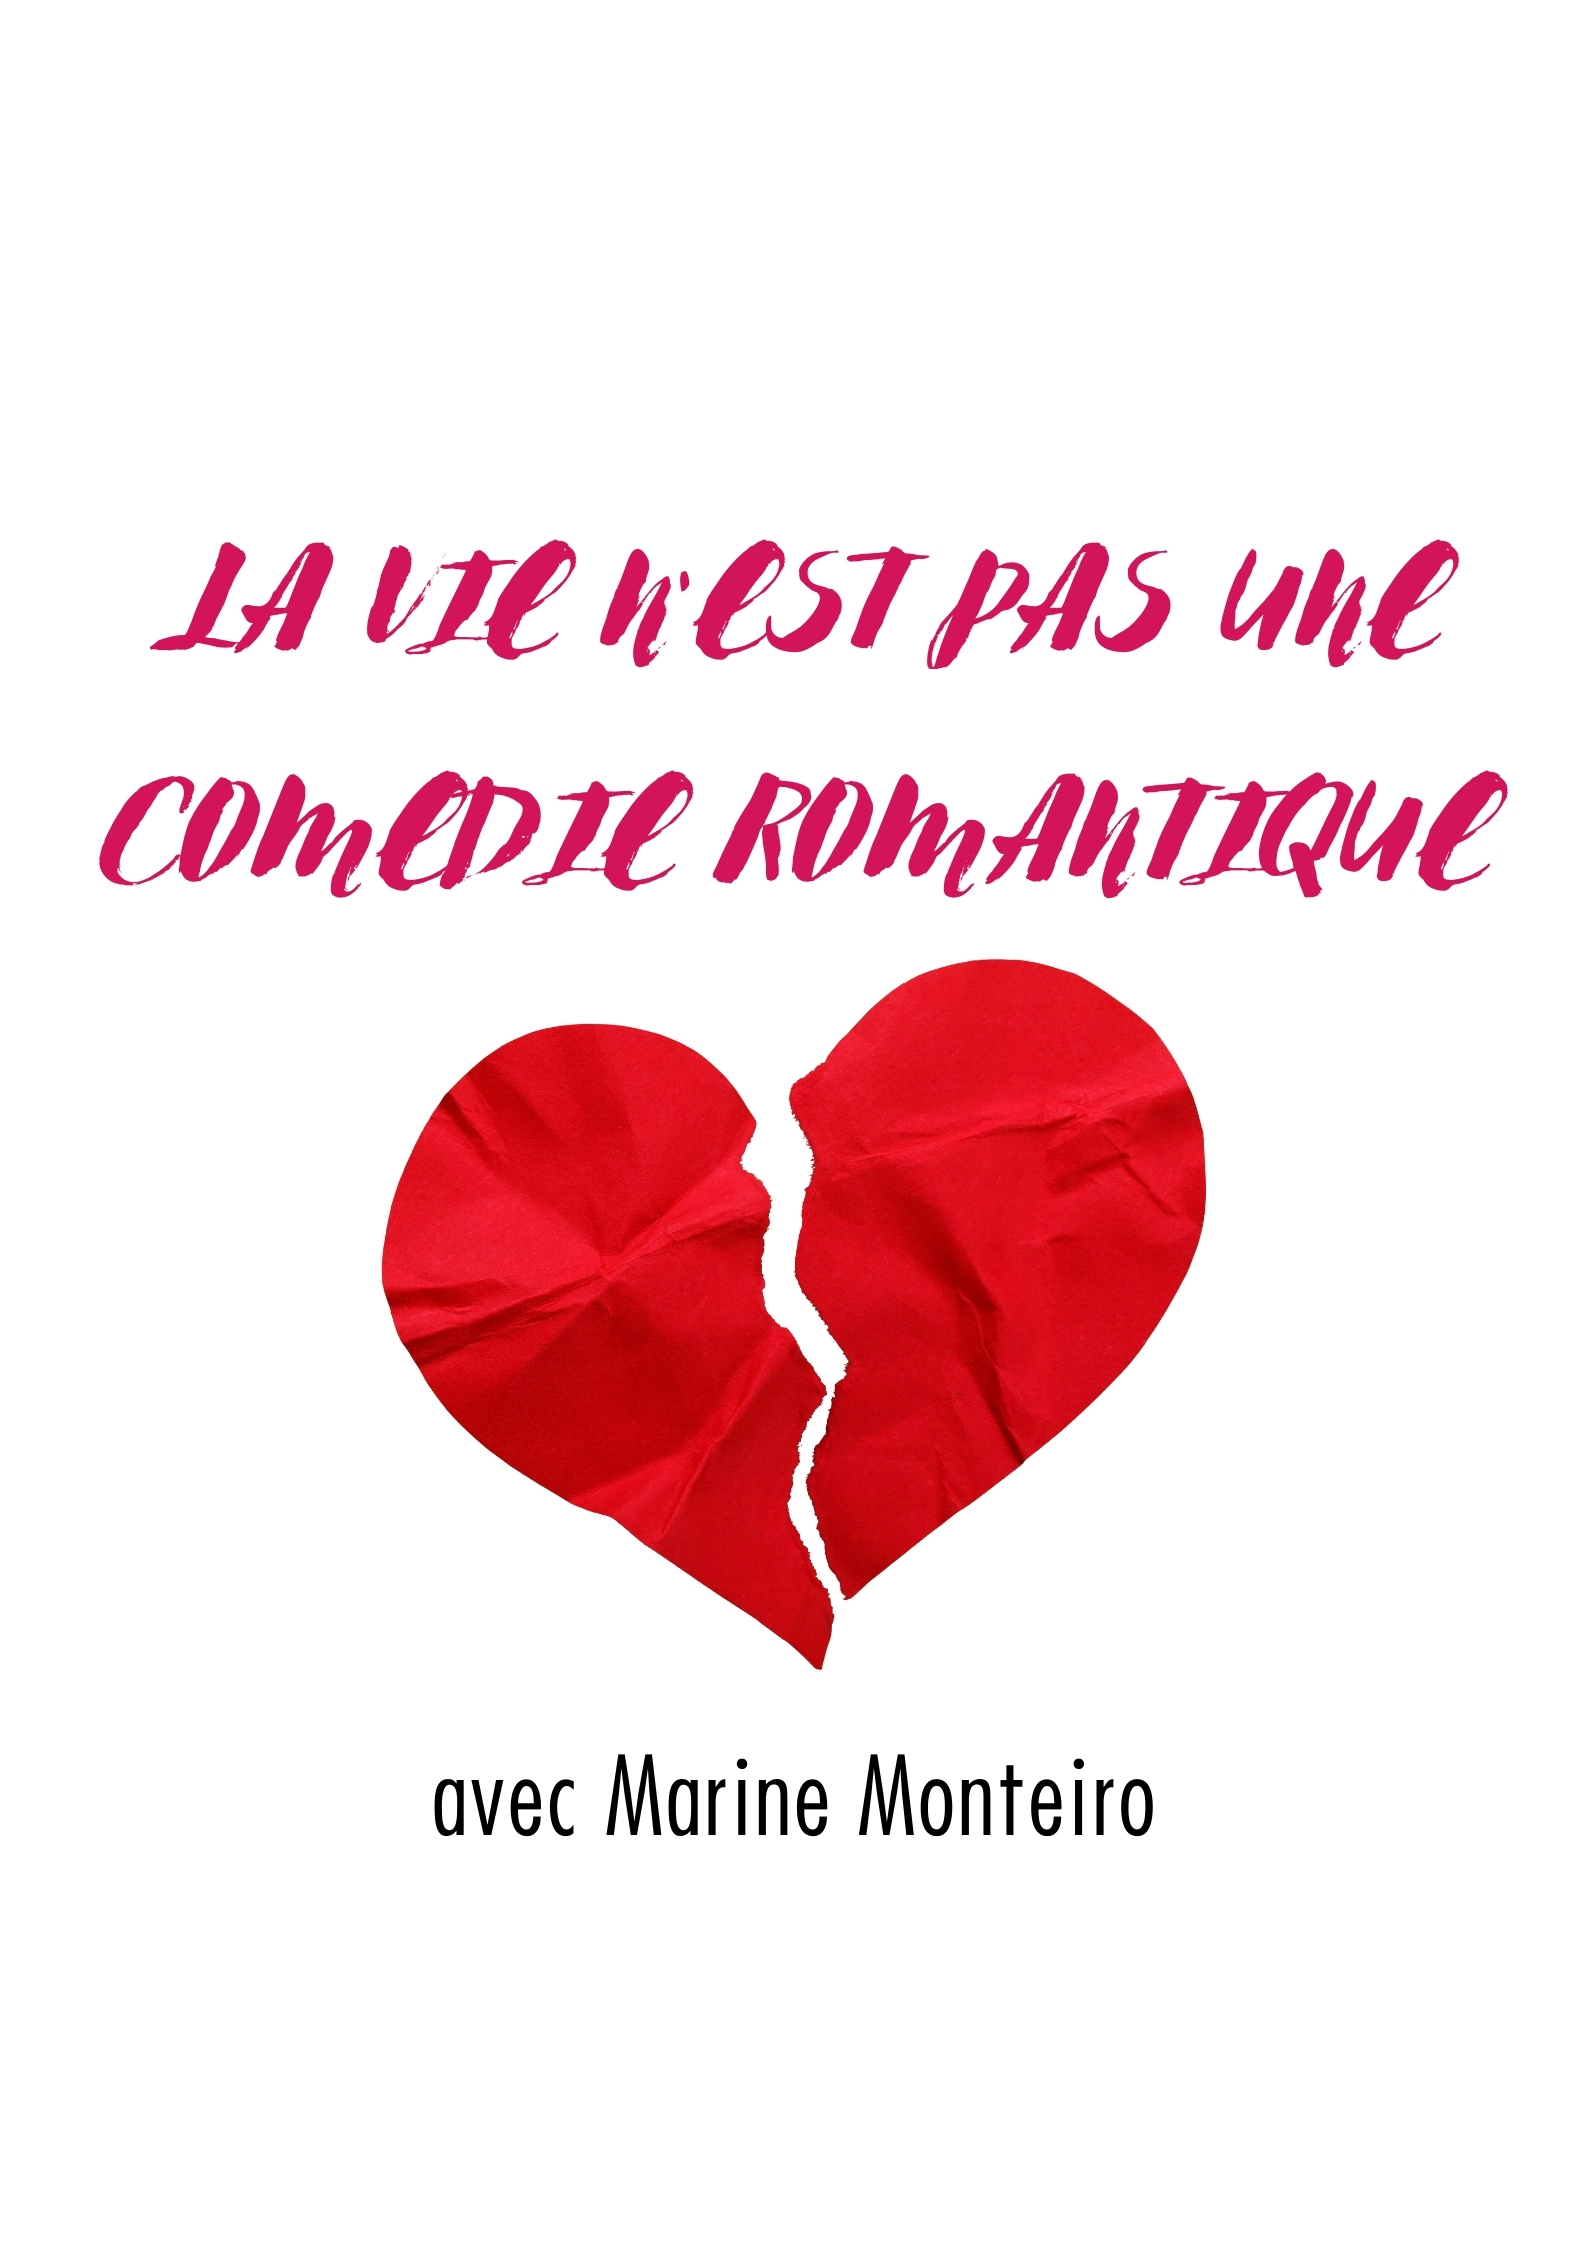 Laurent Pit et Marine Monteiro dans La vie n'est pas une comédie romantique